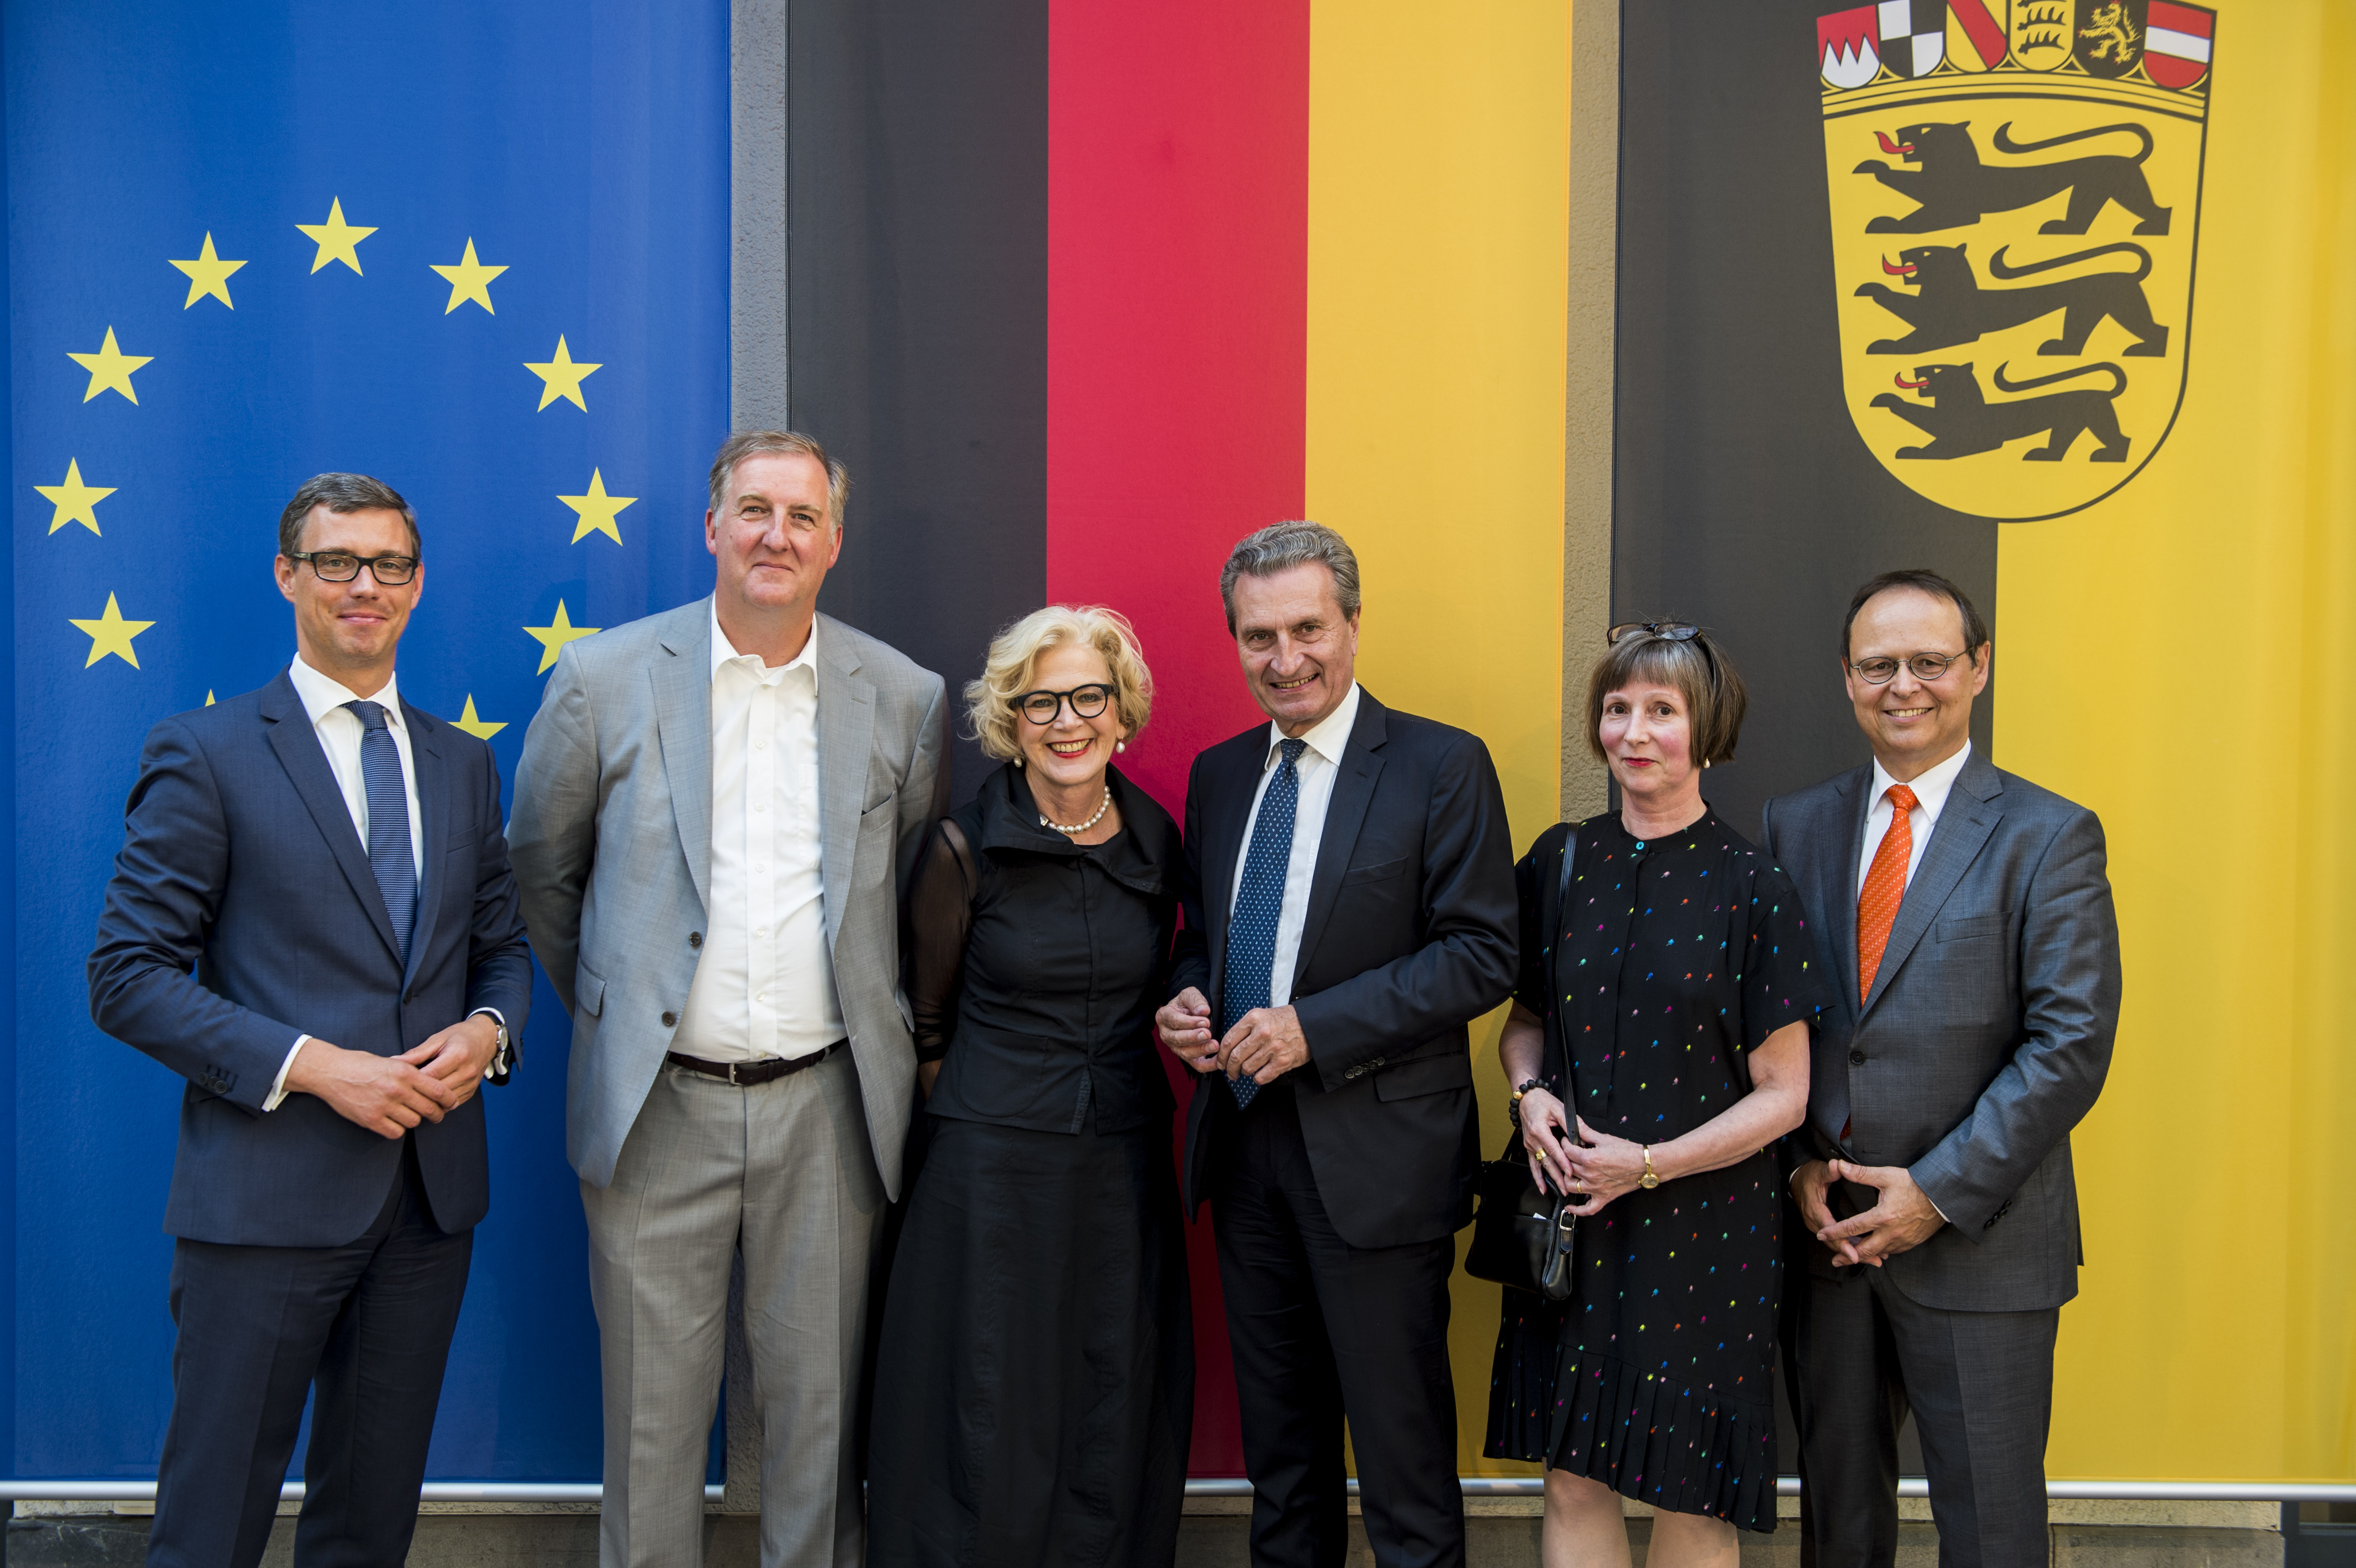 BAK-Vorstandssitzung und Begleitveranstaltungen am 26. und 27.6.2018 in Brüssel